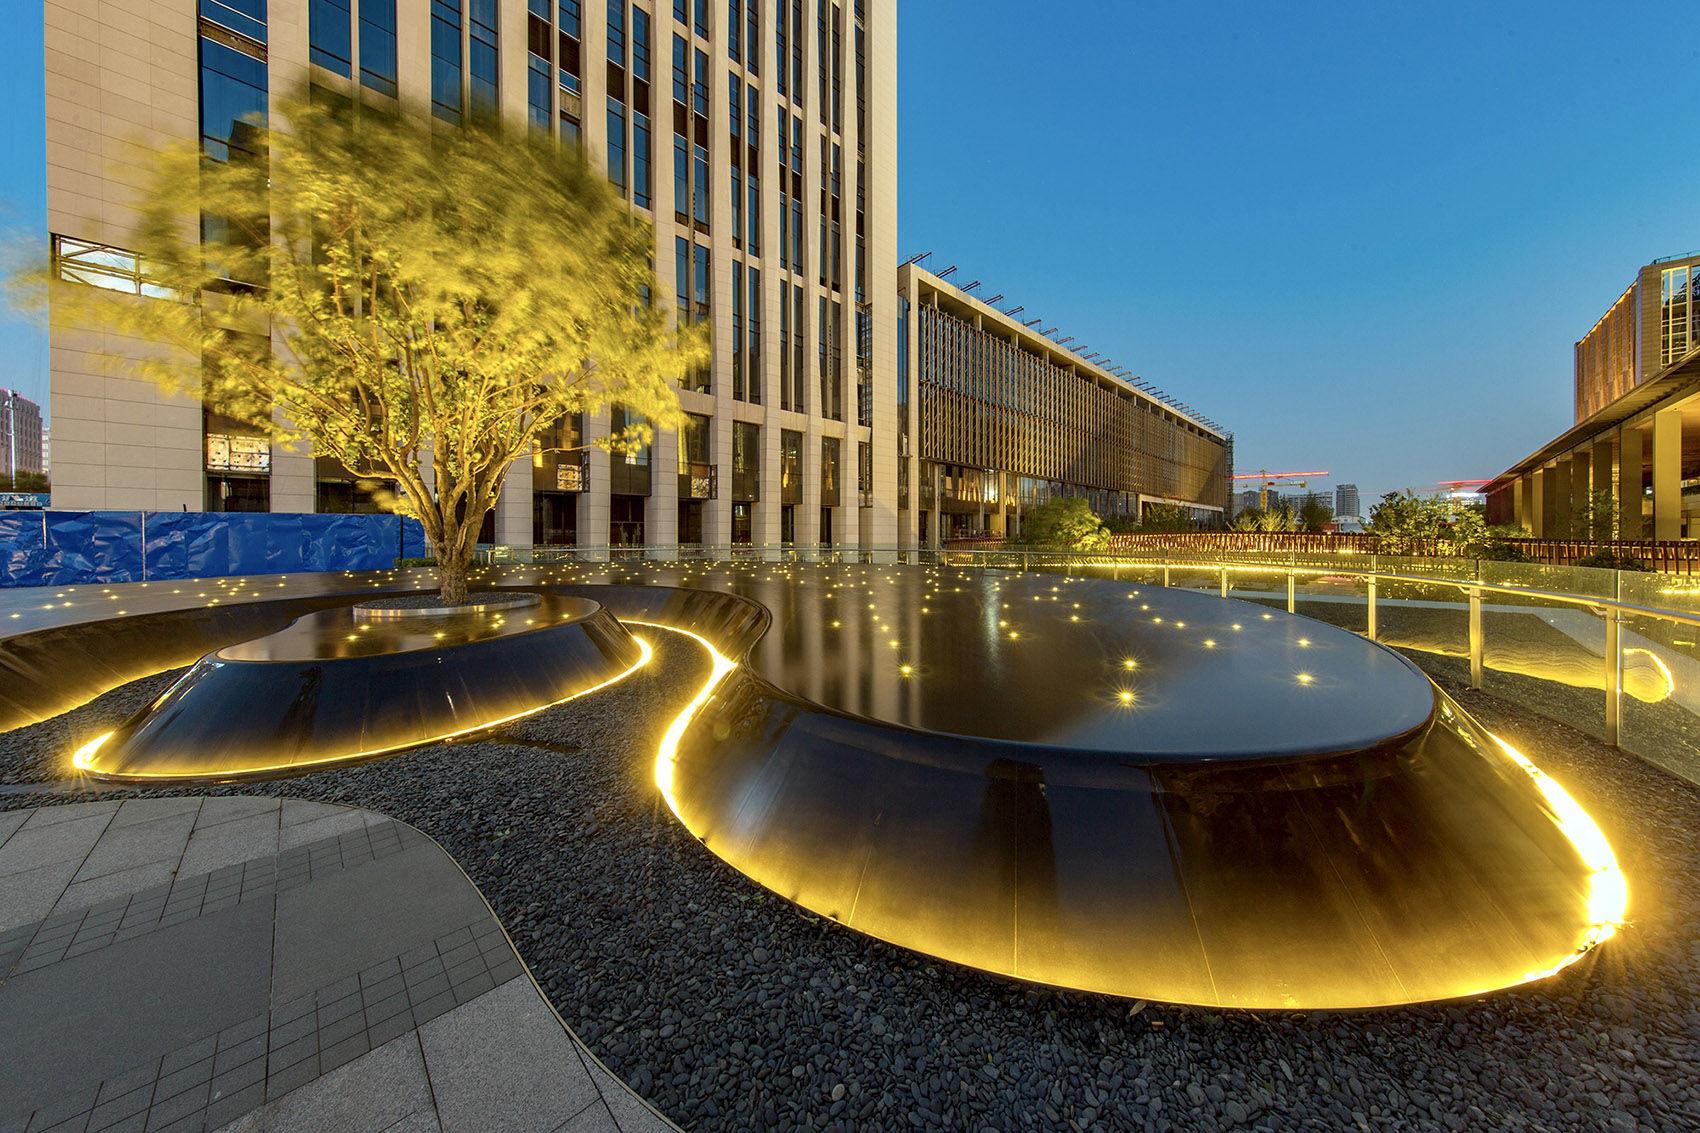 景观设计:藏在星光里的城市镜池--北京华夏a星光内容地质图绘制需要哪些水文图片